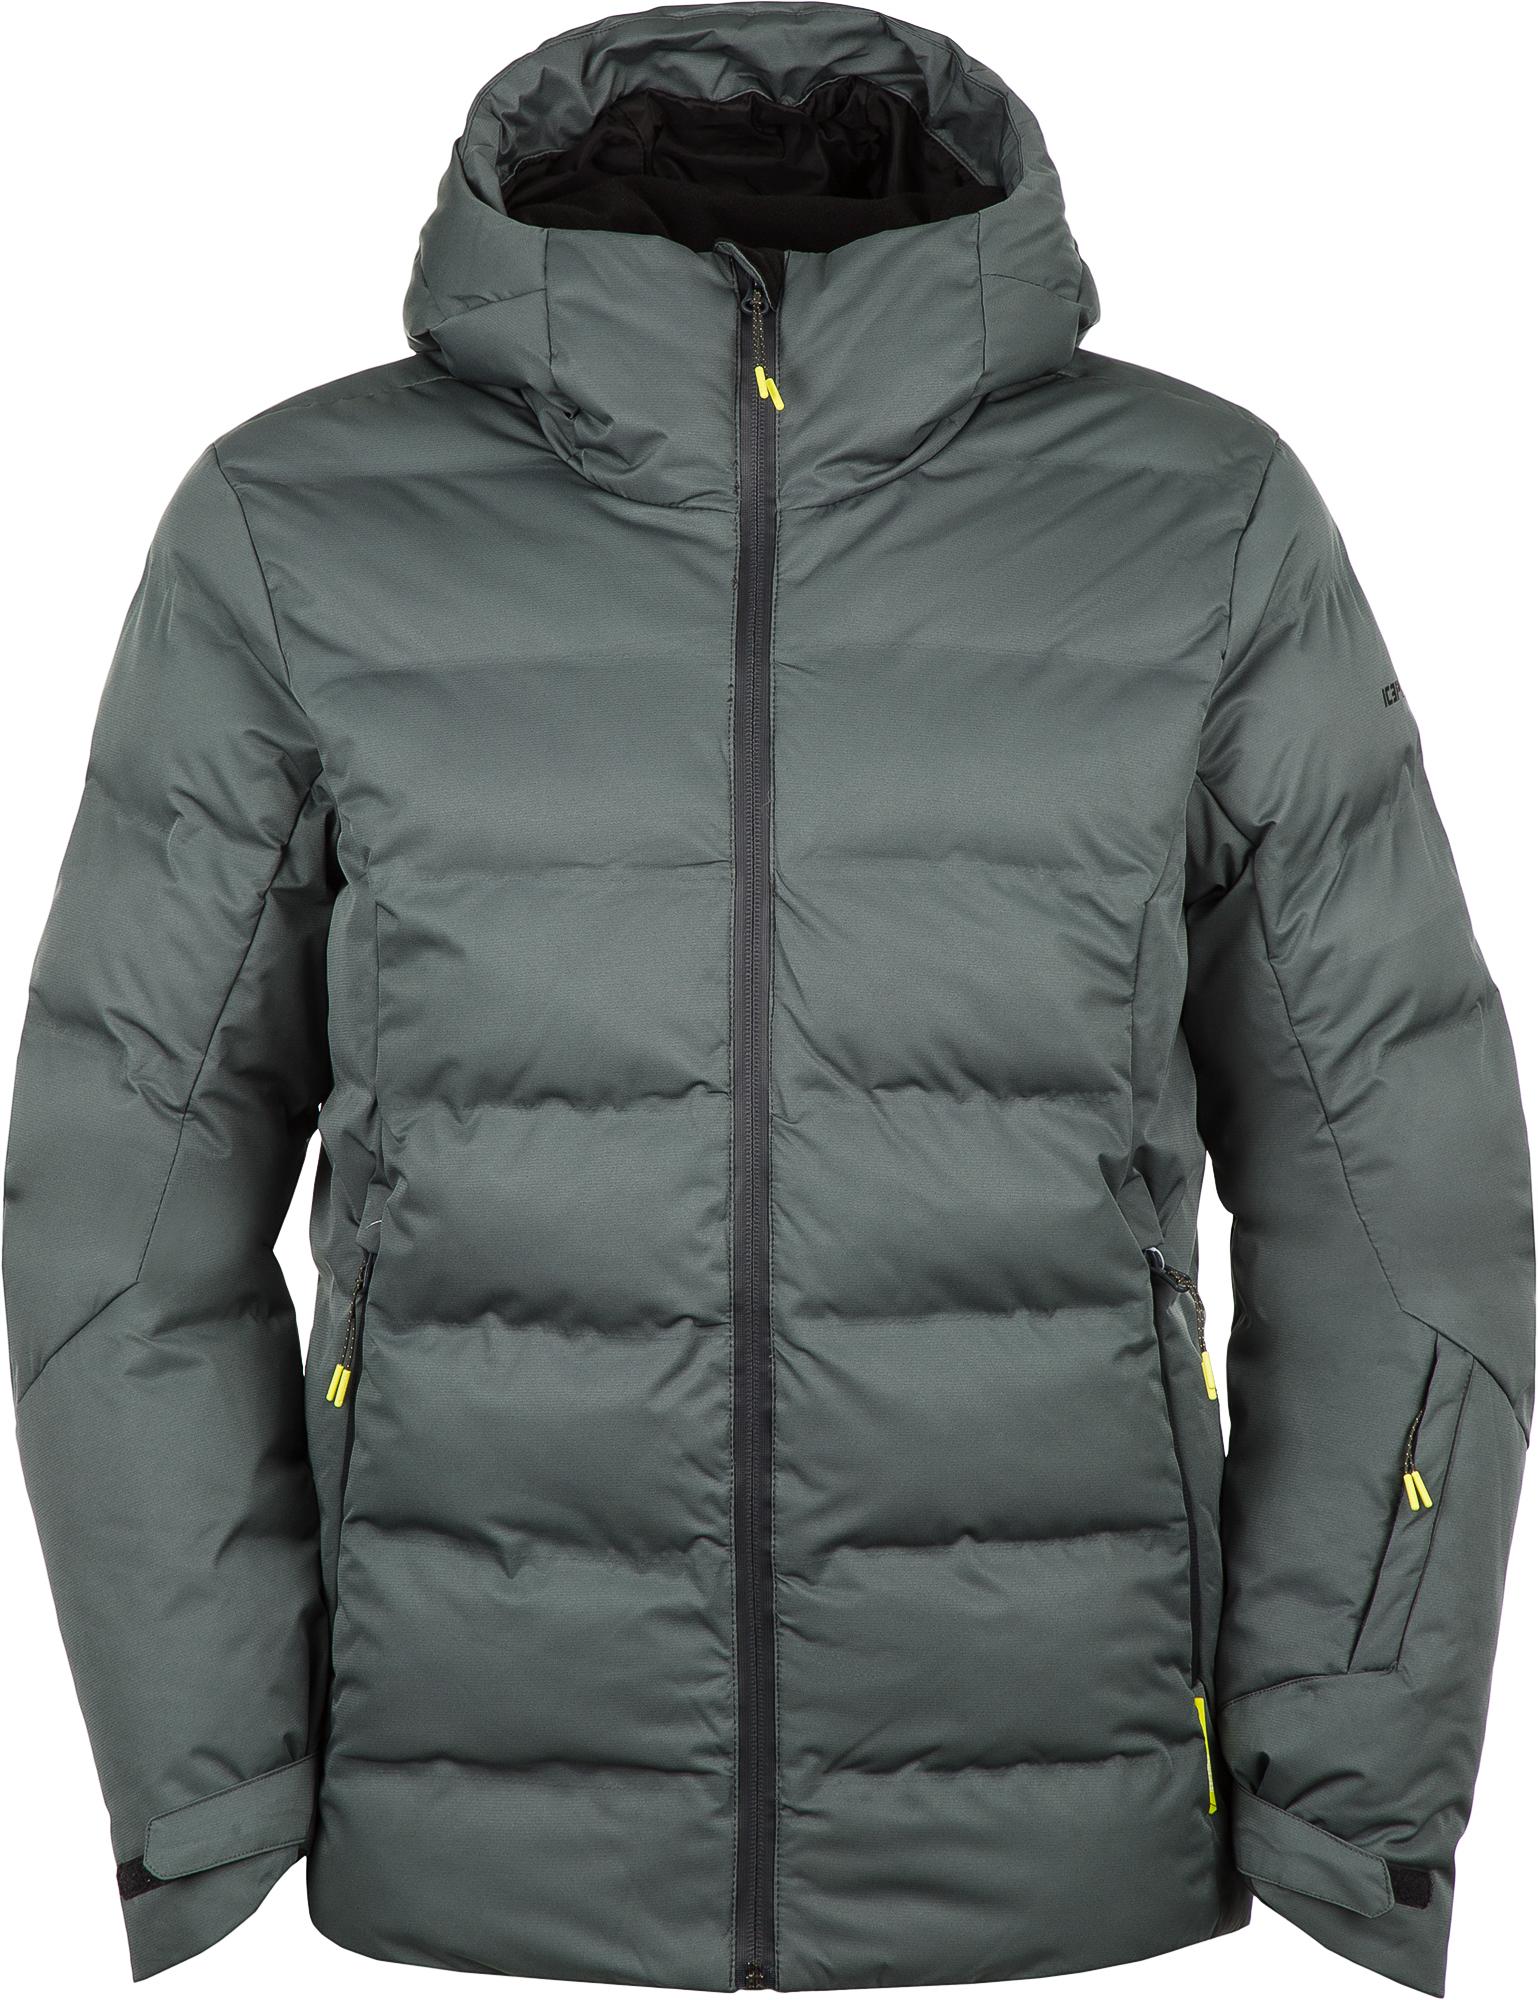 IcePeak Куртка утепленная мужская IcePeak Colden, размер 54 цена 2017